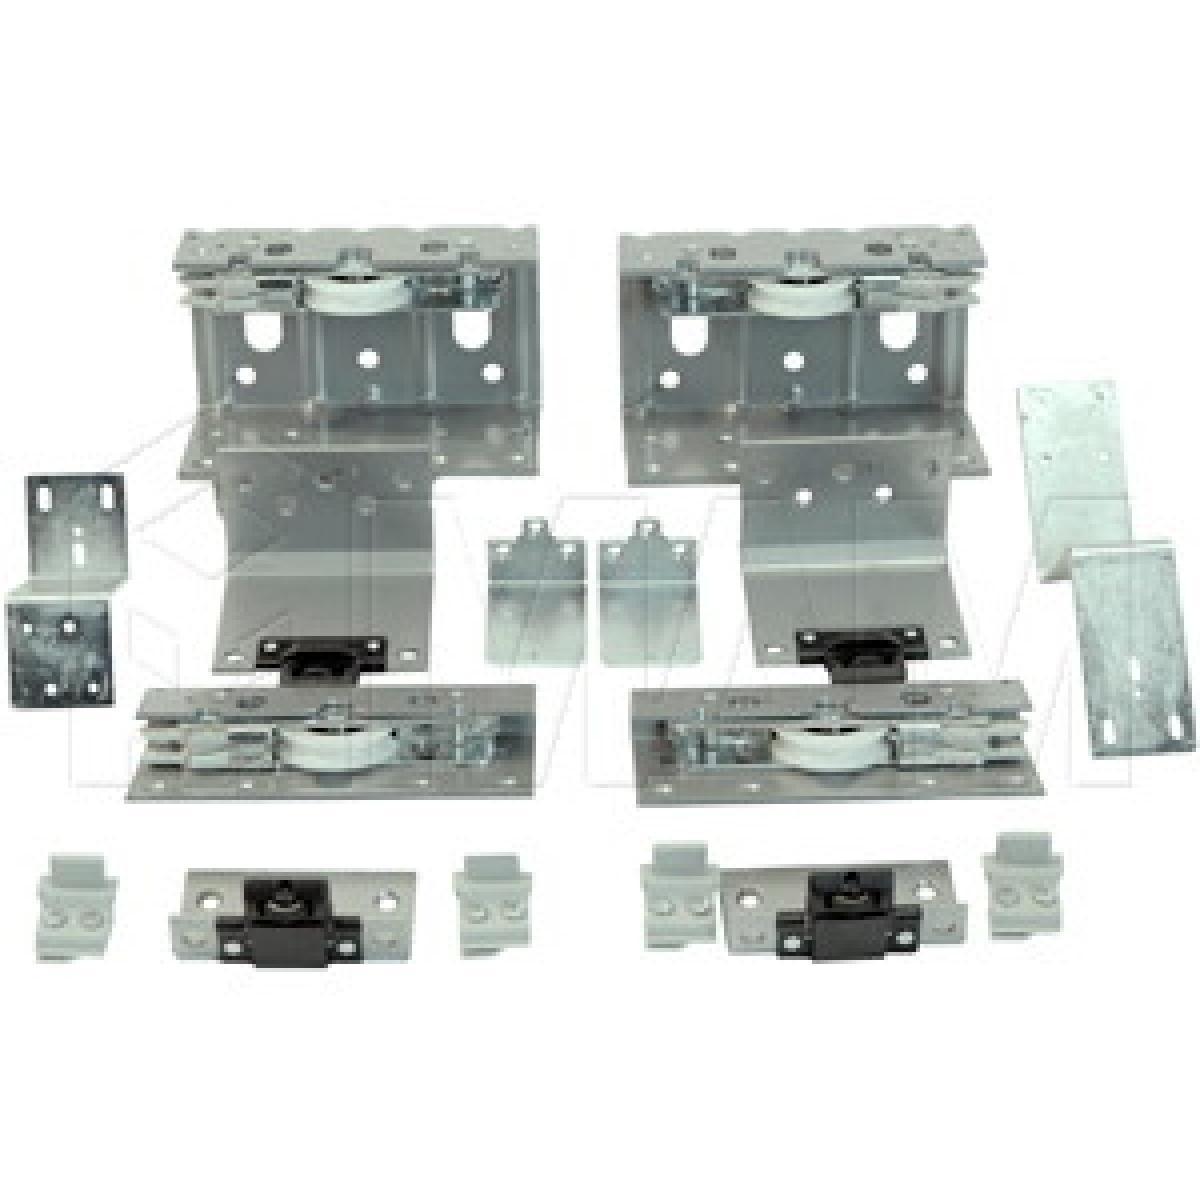 PS10 Комплект роликов для двухдверного шкафа с электроприводом, толщина фасада до 23 мм